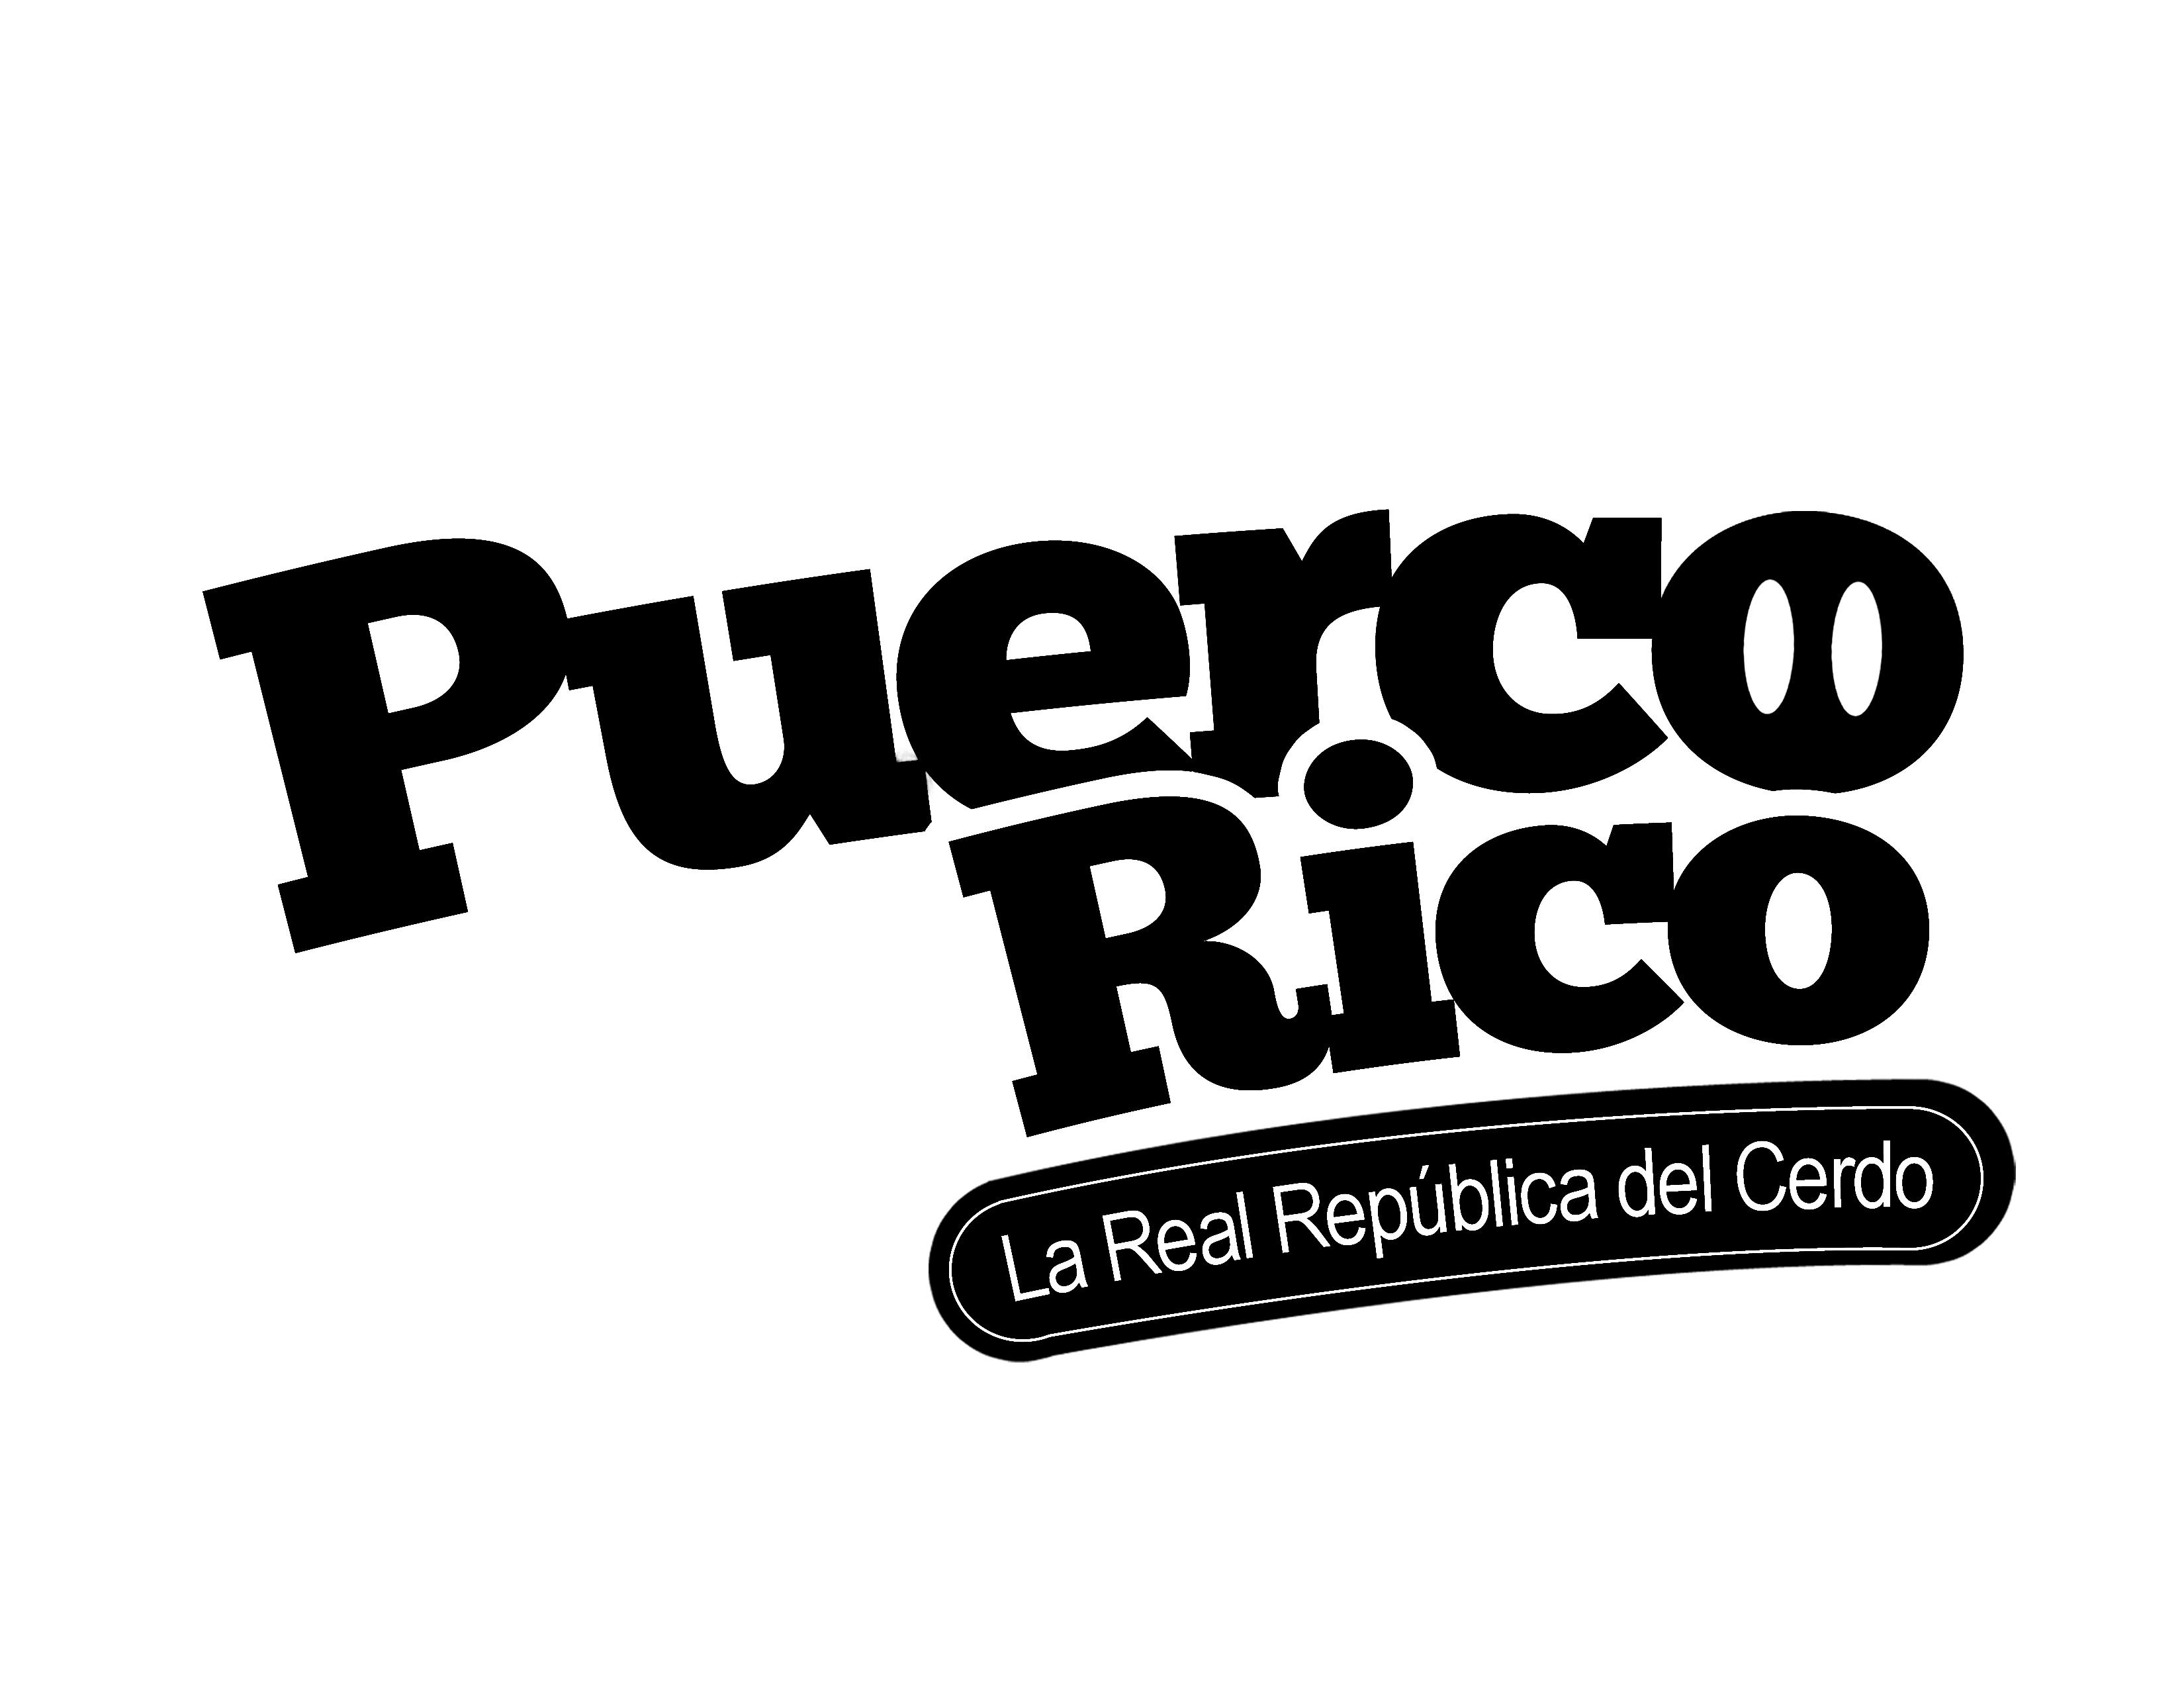 Buffalo Wings Y Puerco Rico